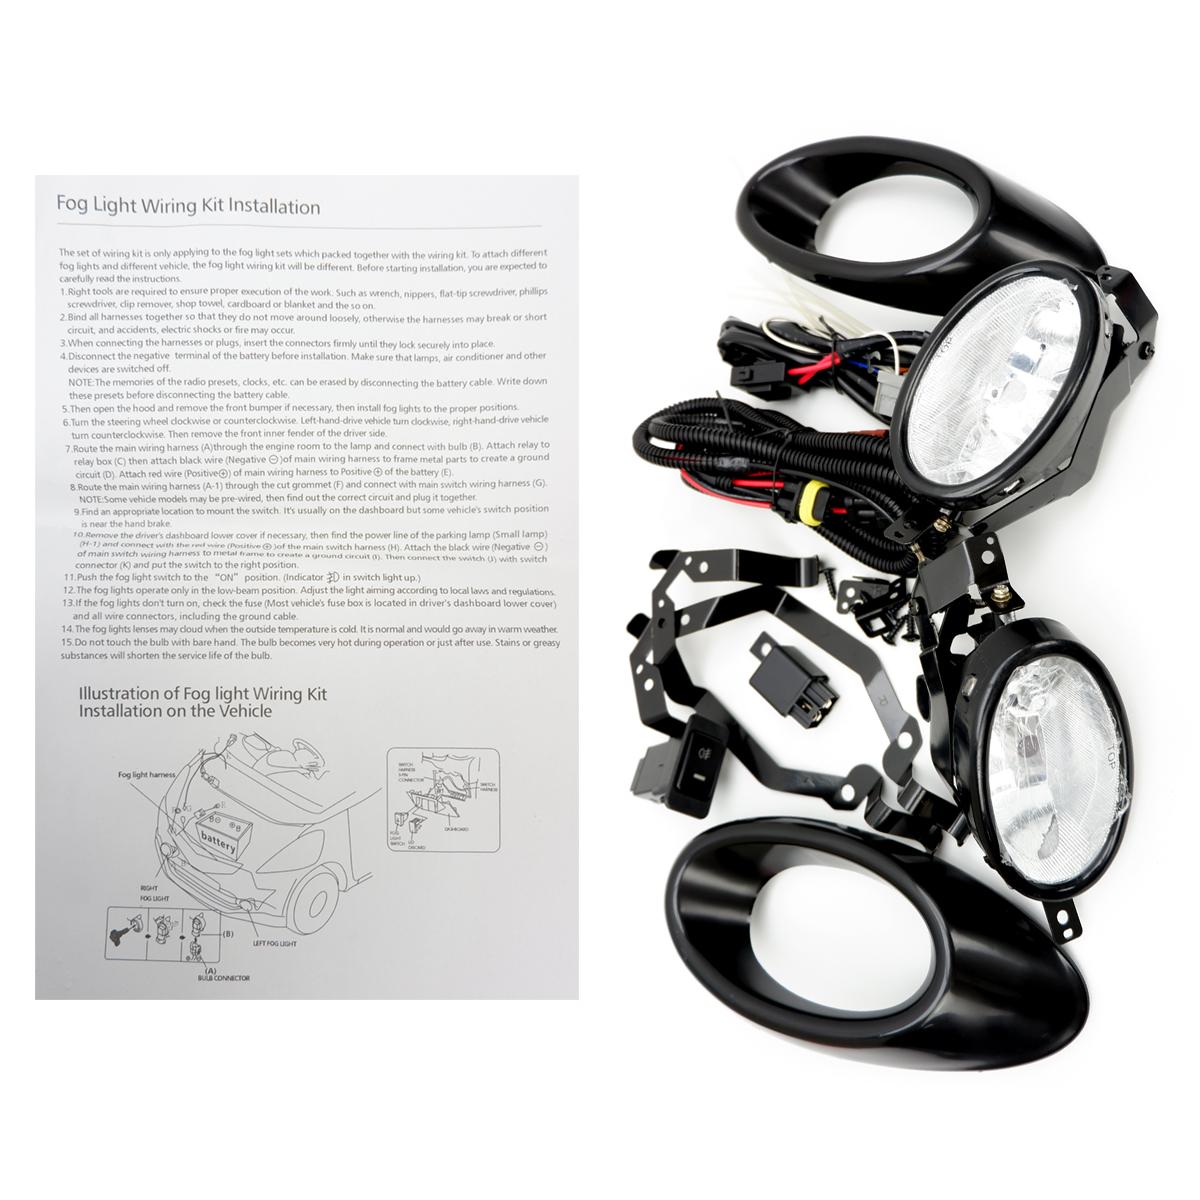 For Honda Jazz Fit V Tech 2007 10 13 Set Fog Lamp Spot Light Cover Wiring Harness